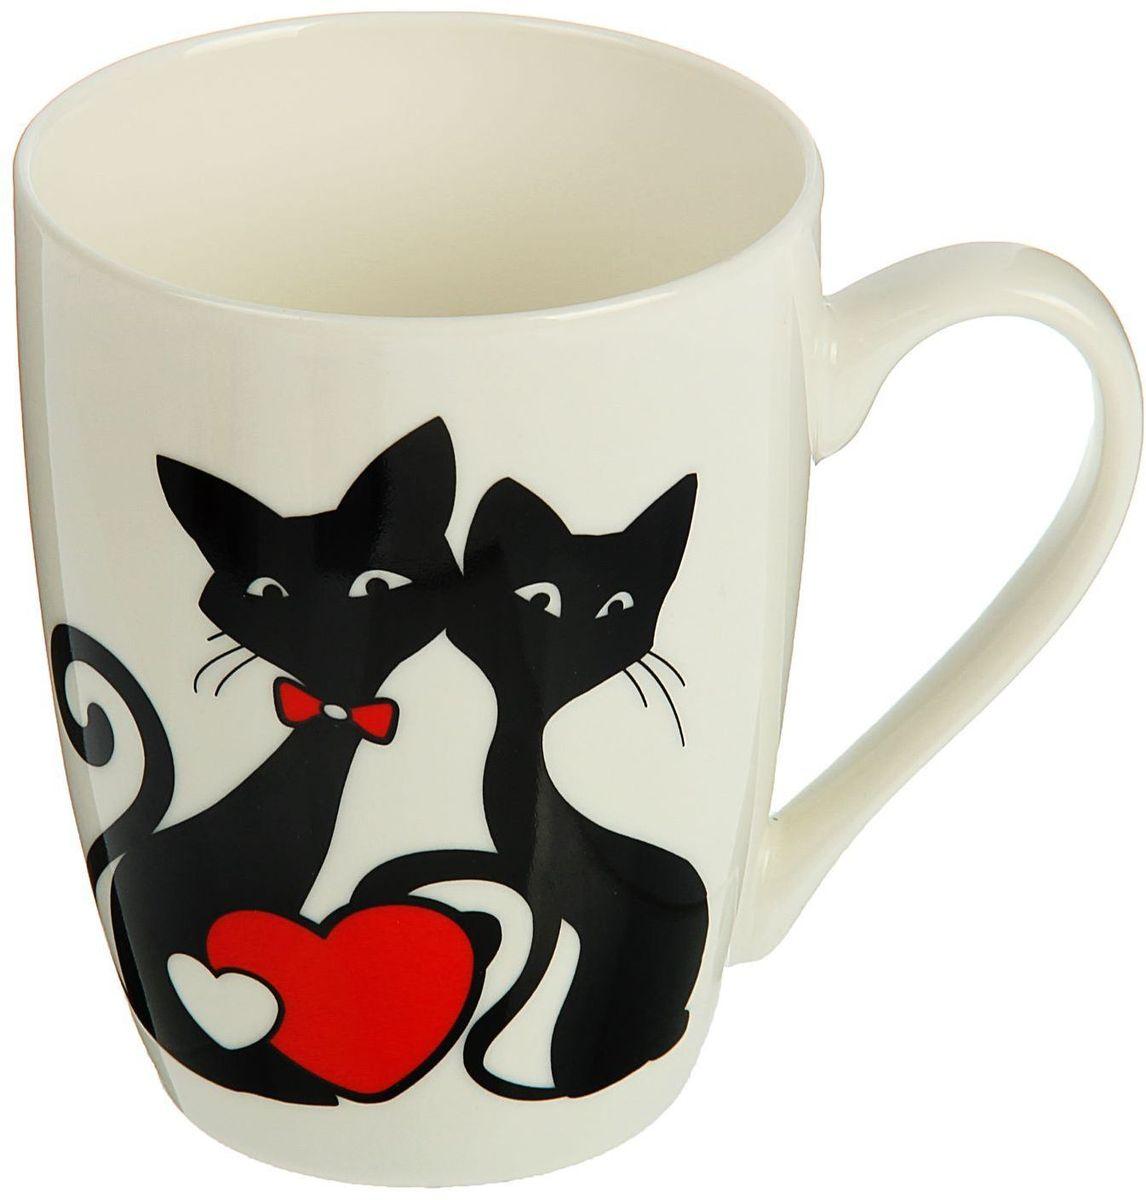 Кружка Доляна Милые котики, 350 мл54 009312Кружка Доляна Милые котики изготовлена из керамики. Она украшена оригинальным принтом с котами.Кружка станет отличным подарком для родных и близких. Это любимый аксессуар на долгие годы. Относитесь к изделию бережно, и оно будет дарить прекрасное настроение каждый день.